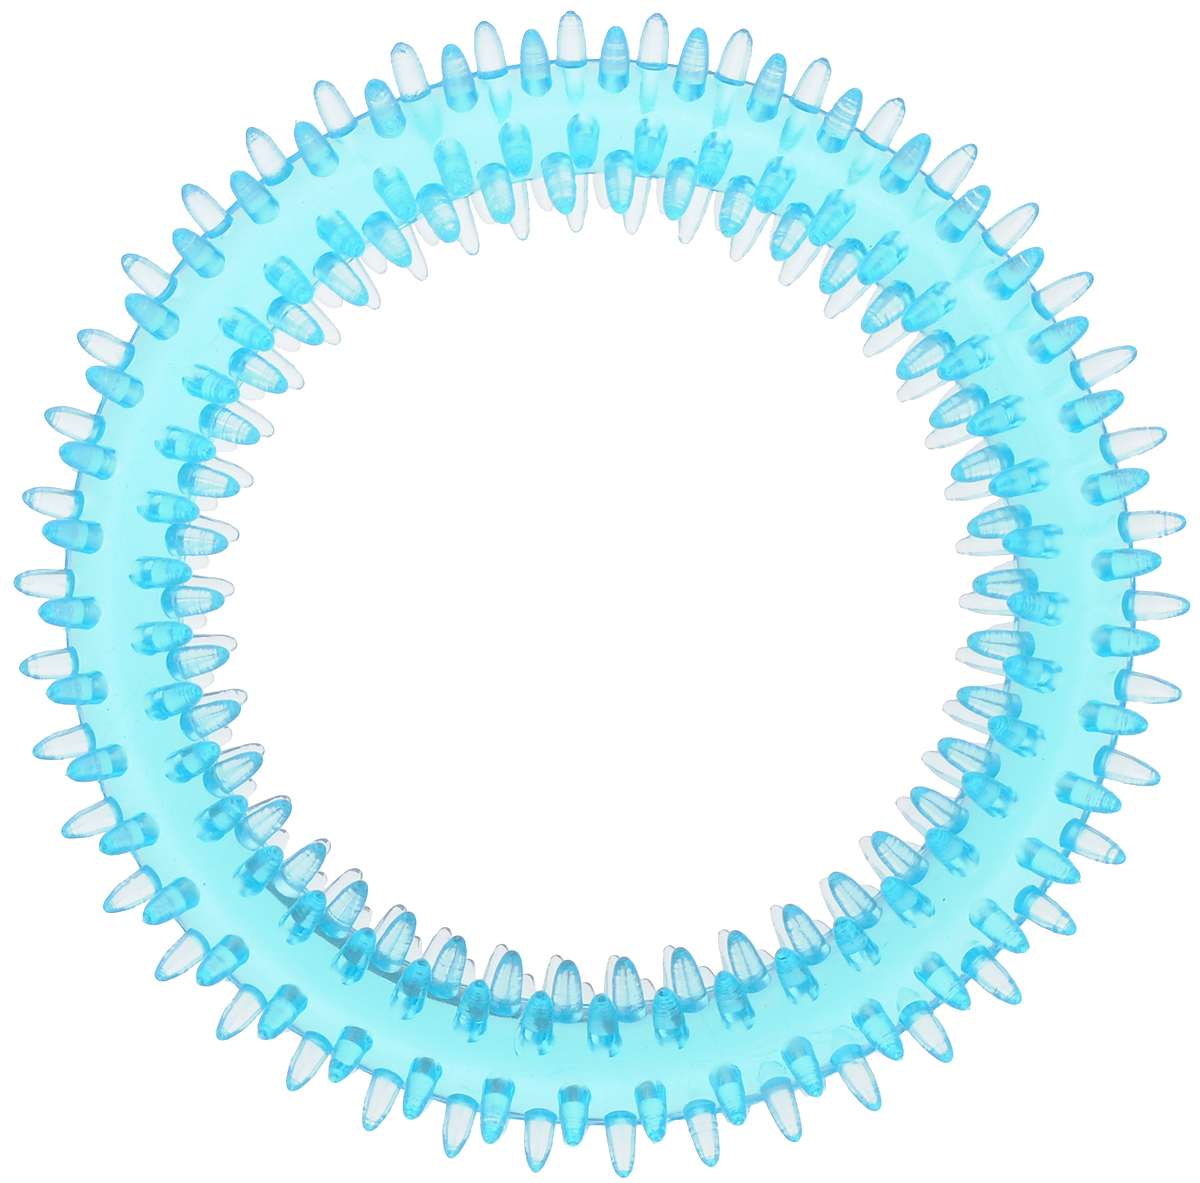 Игрушка для собак Каскад Кольцо шипованное для чистки зубов, цвет: голубой, диаметр 12 см игрушка для животных каскад мячик пробковый диаметр 3 5 см